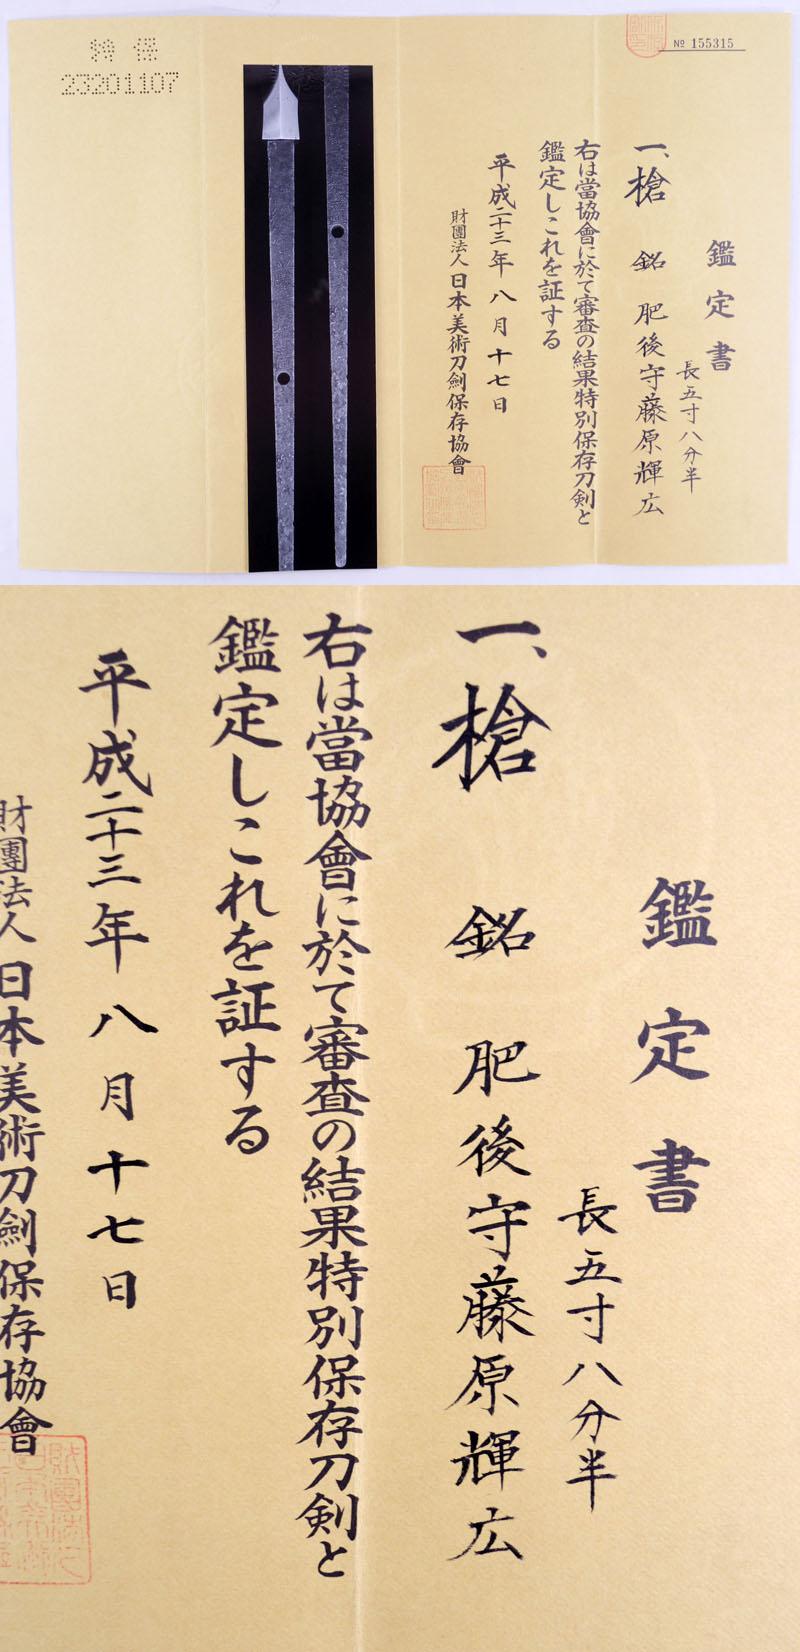 槍 肥後守藤原輝広 Picture of Certificate